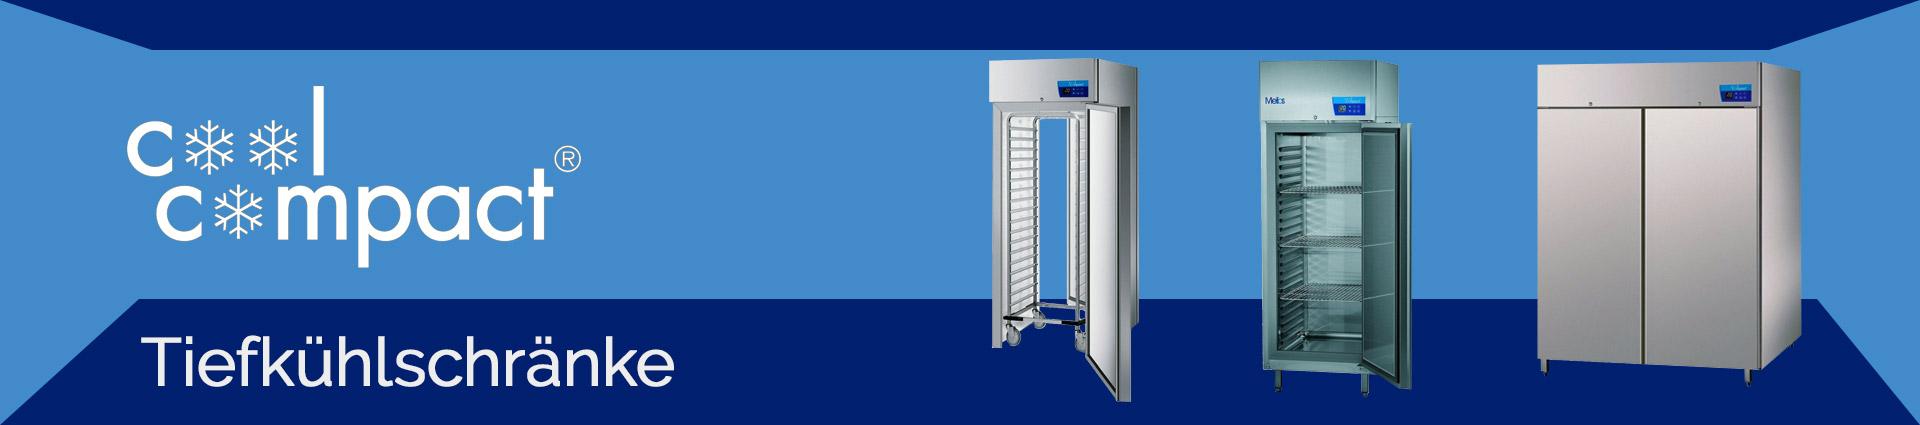 Cool Compact Tiefkühlschränke Banner